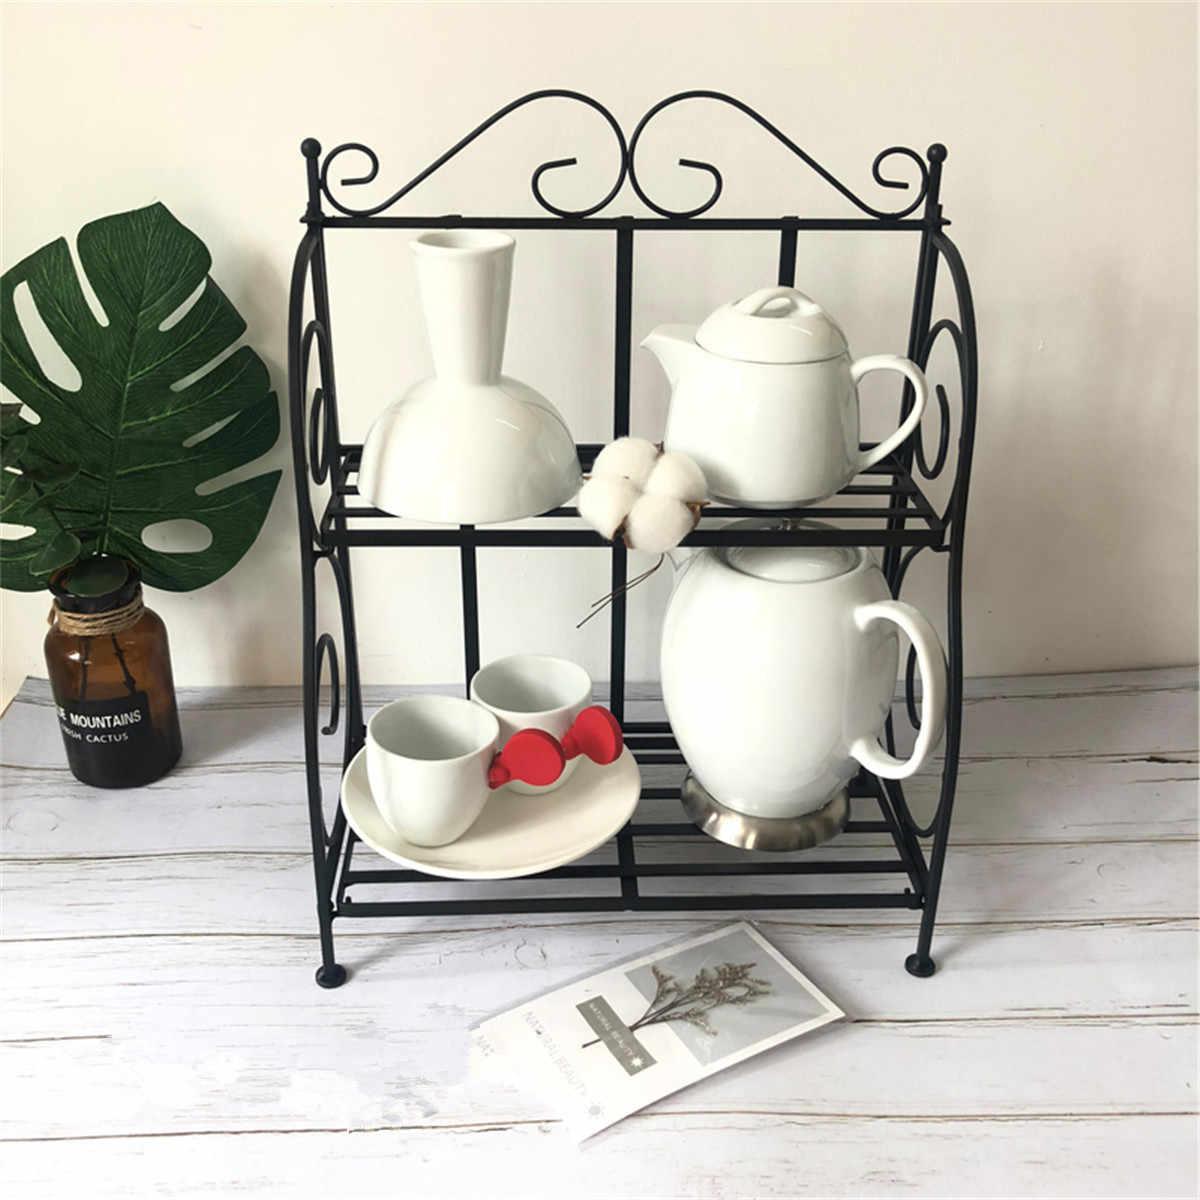 2-שכבות ברזל צמח Stand מדף מתלה פשוט מקורה קפה בר גן מרפסת מדף רב שימוש מדף עיצוב הבית